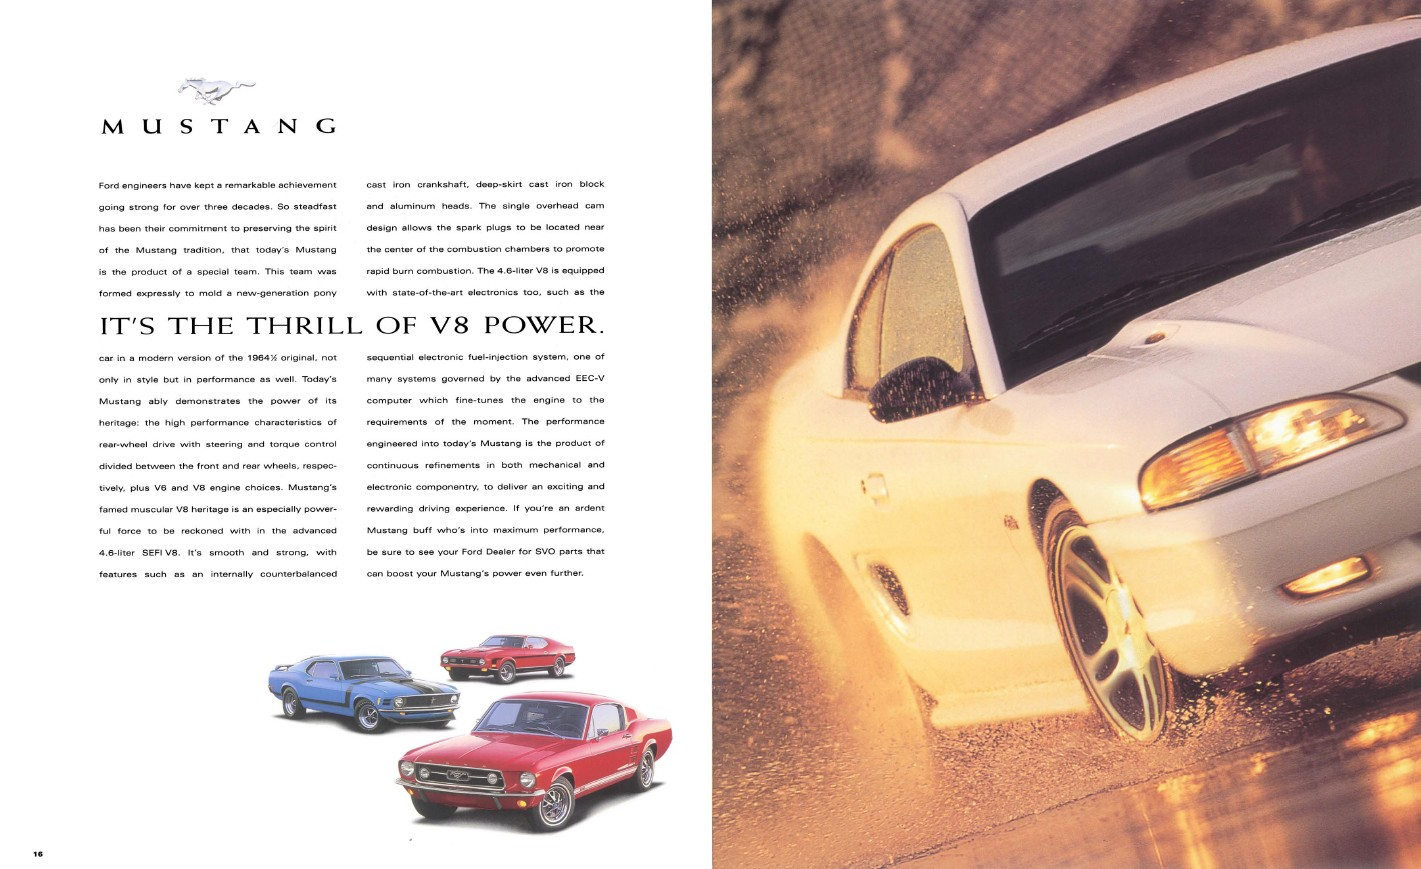 1998-ford-mustang-brochure-08.jpg